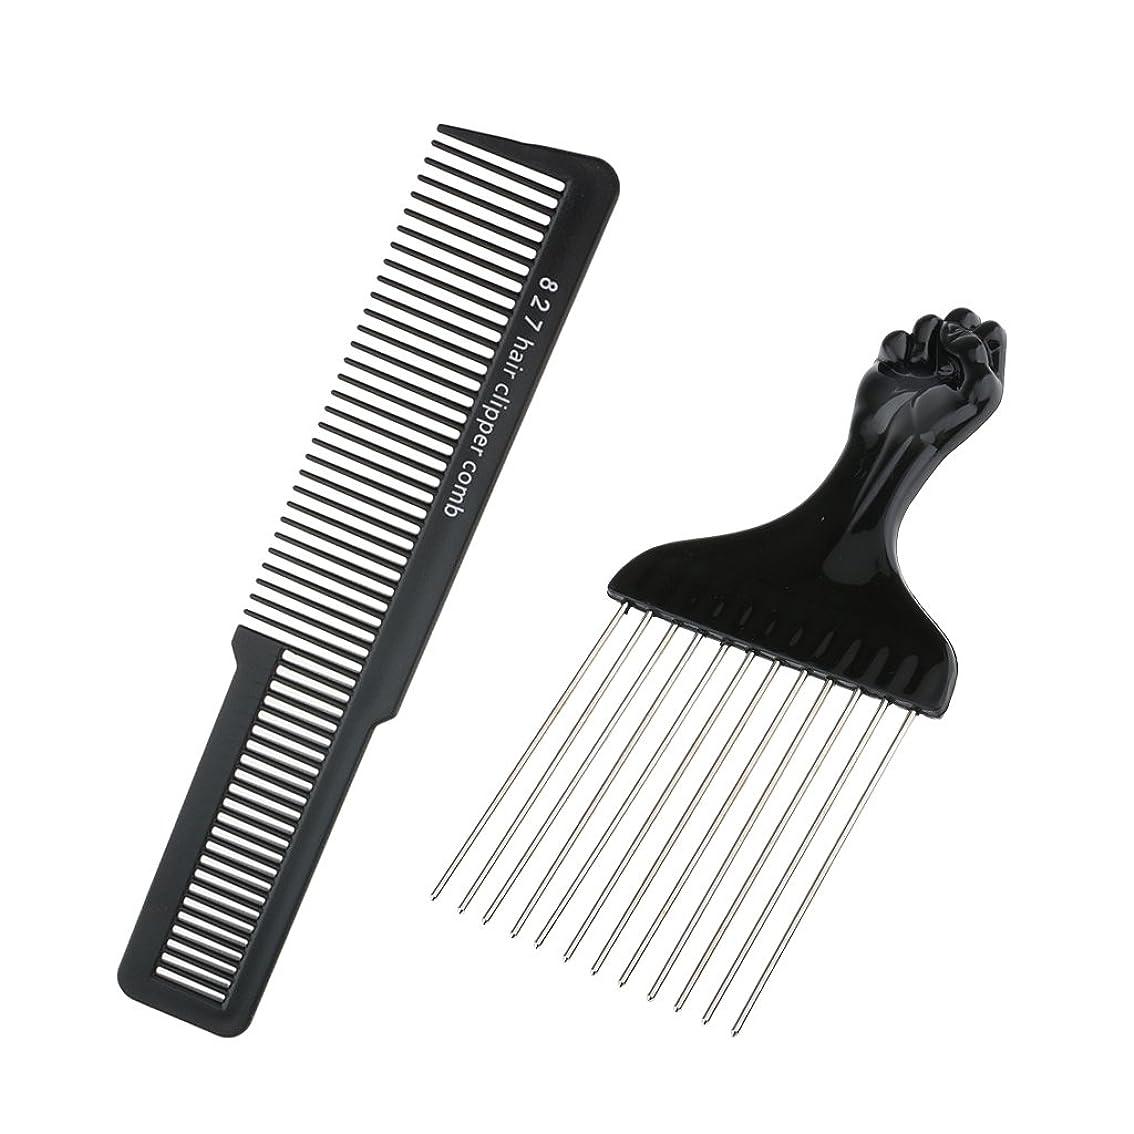 ファーザーファージュぴかぴか聖職者美容院の理髪師のヘアスタイリングセットの毛の切断のクリッパーの櫛セットが付いている黒いステンレス鋼のアフロピックブラシ